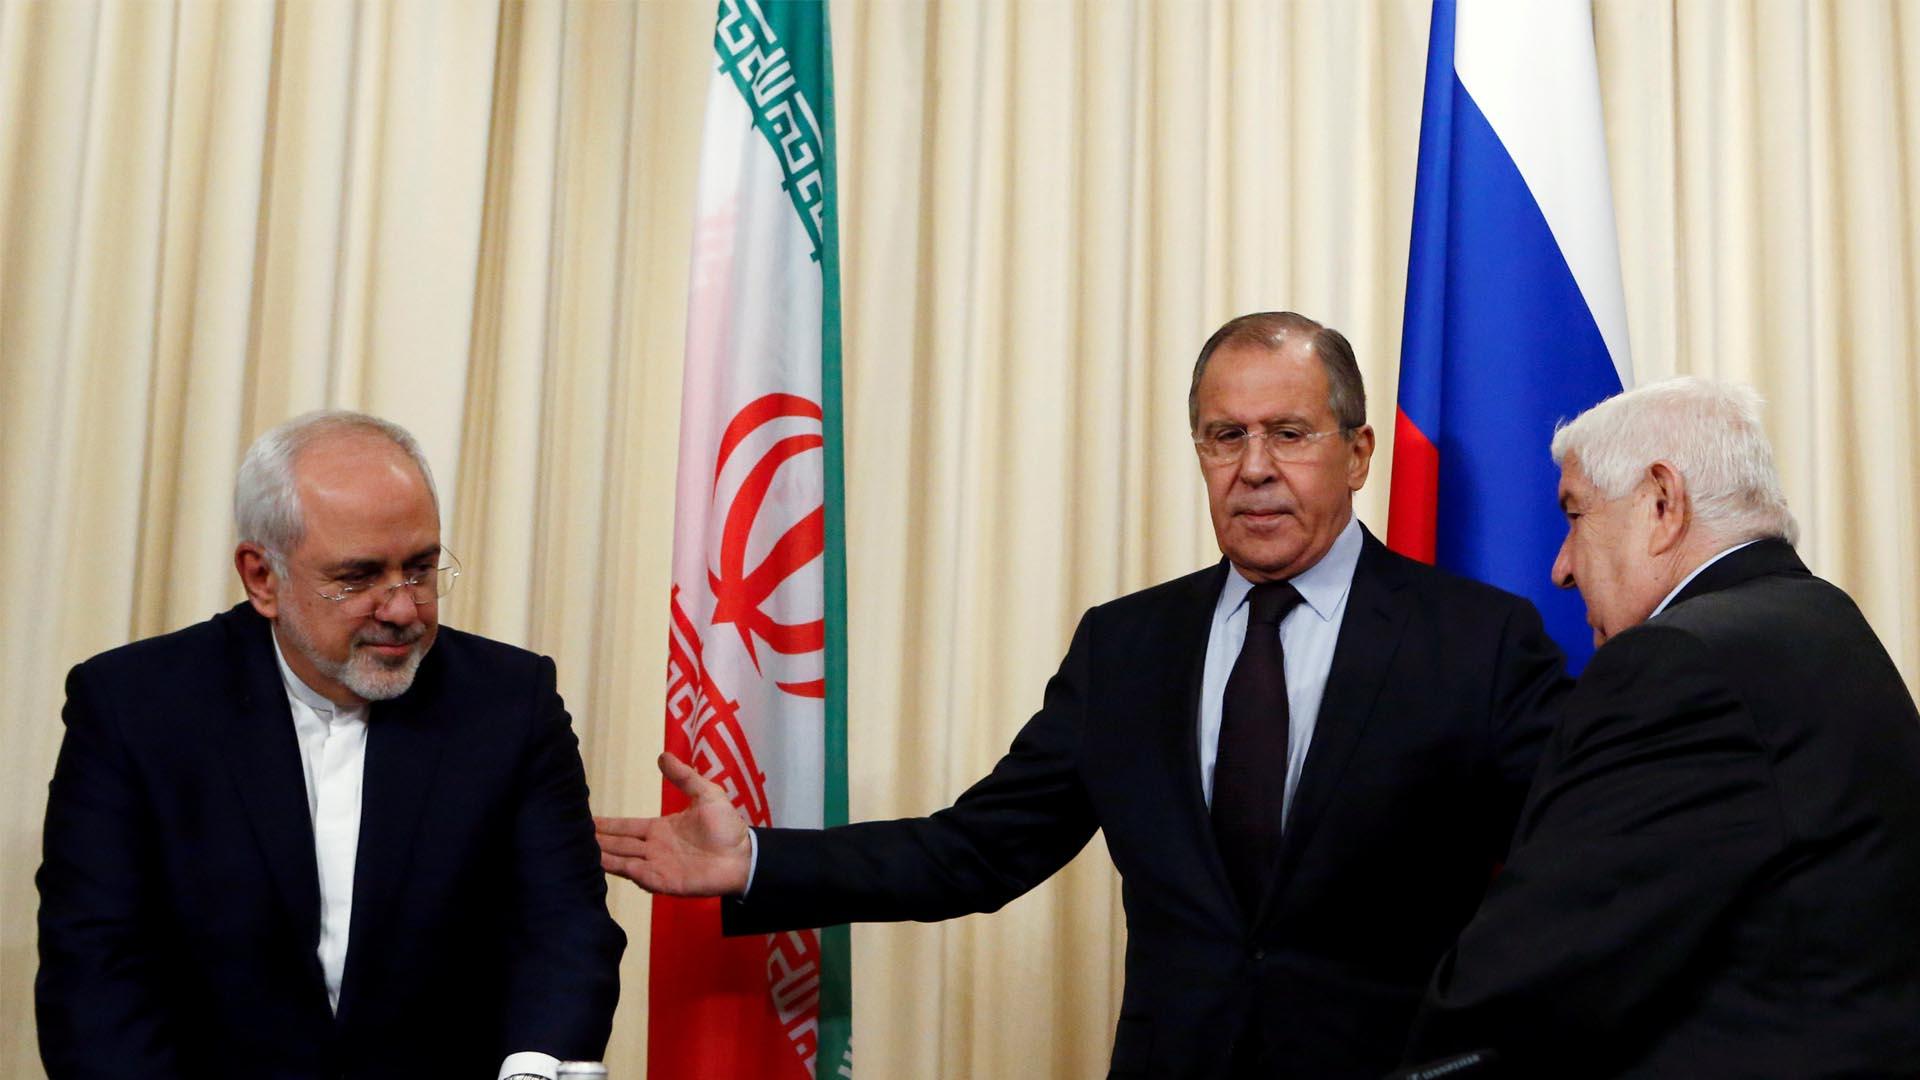 Walid al Muallem, ministro de Relaciones Exteriores, hizo esta afirmación durante el encuentro con sus homólogos de Rusia e Irán